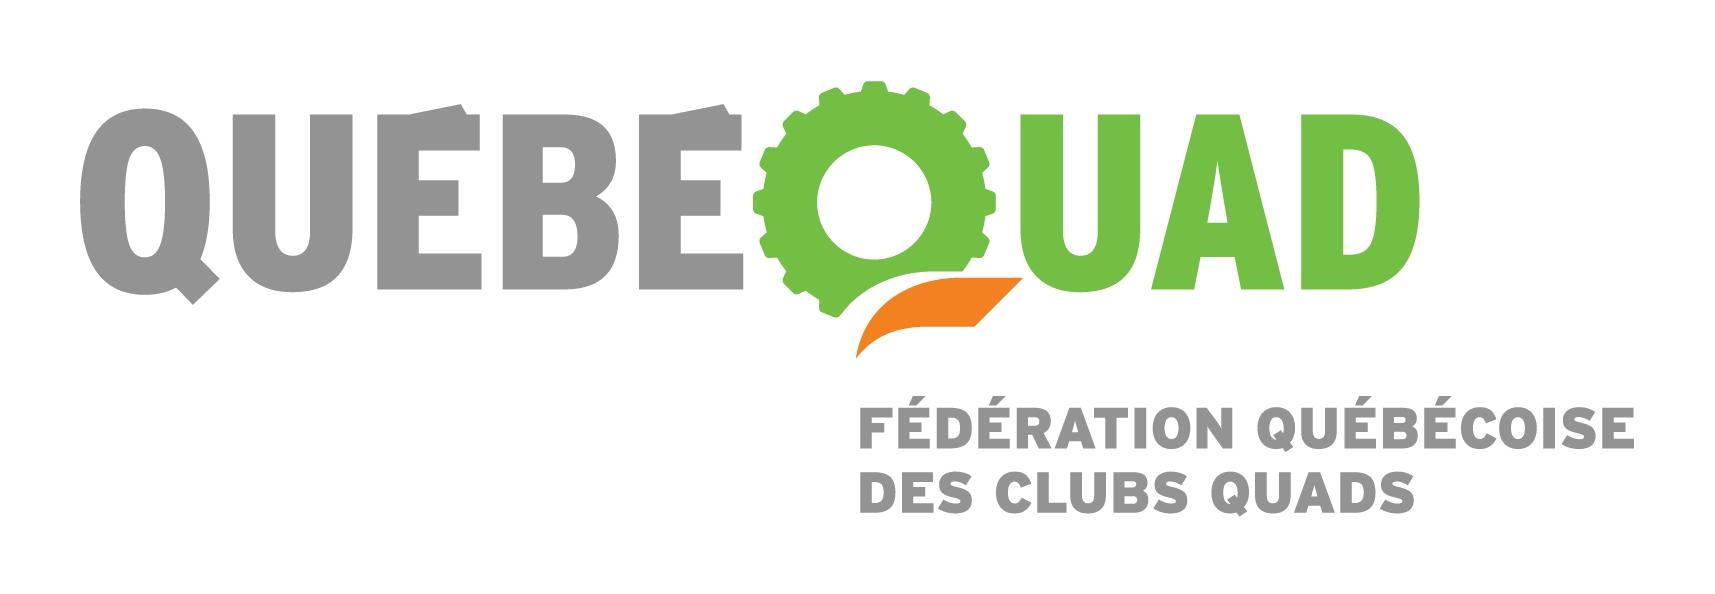 Episode 9 The complete adventure - Fédération québécoise des clubs quads